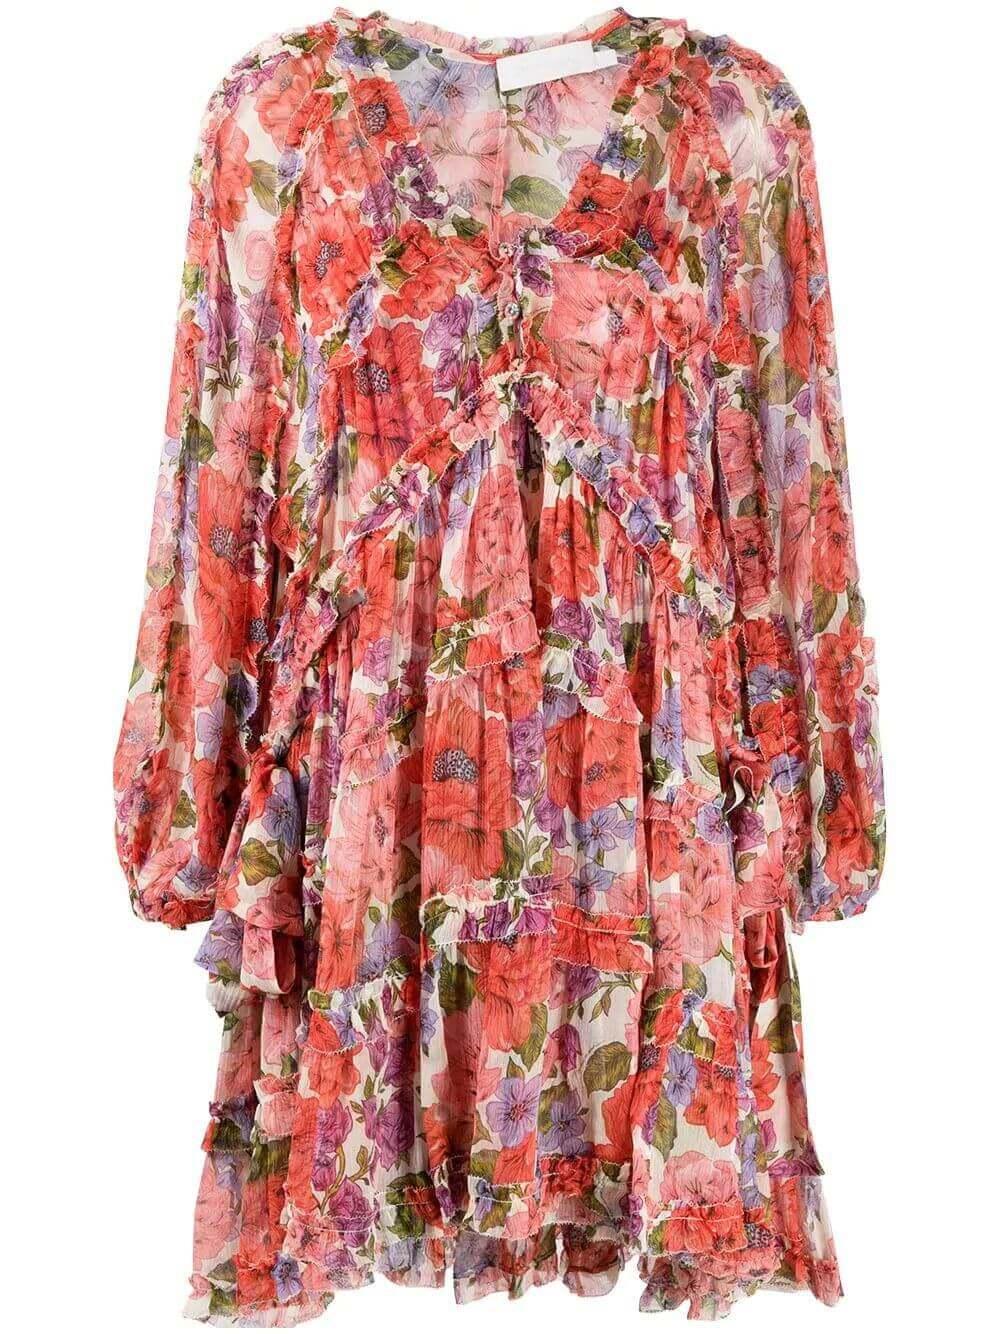 Poppy Frill Billow Mini Dress